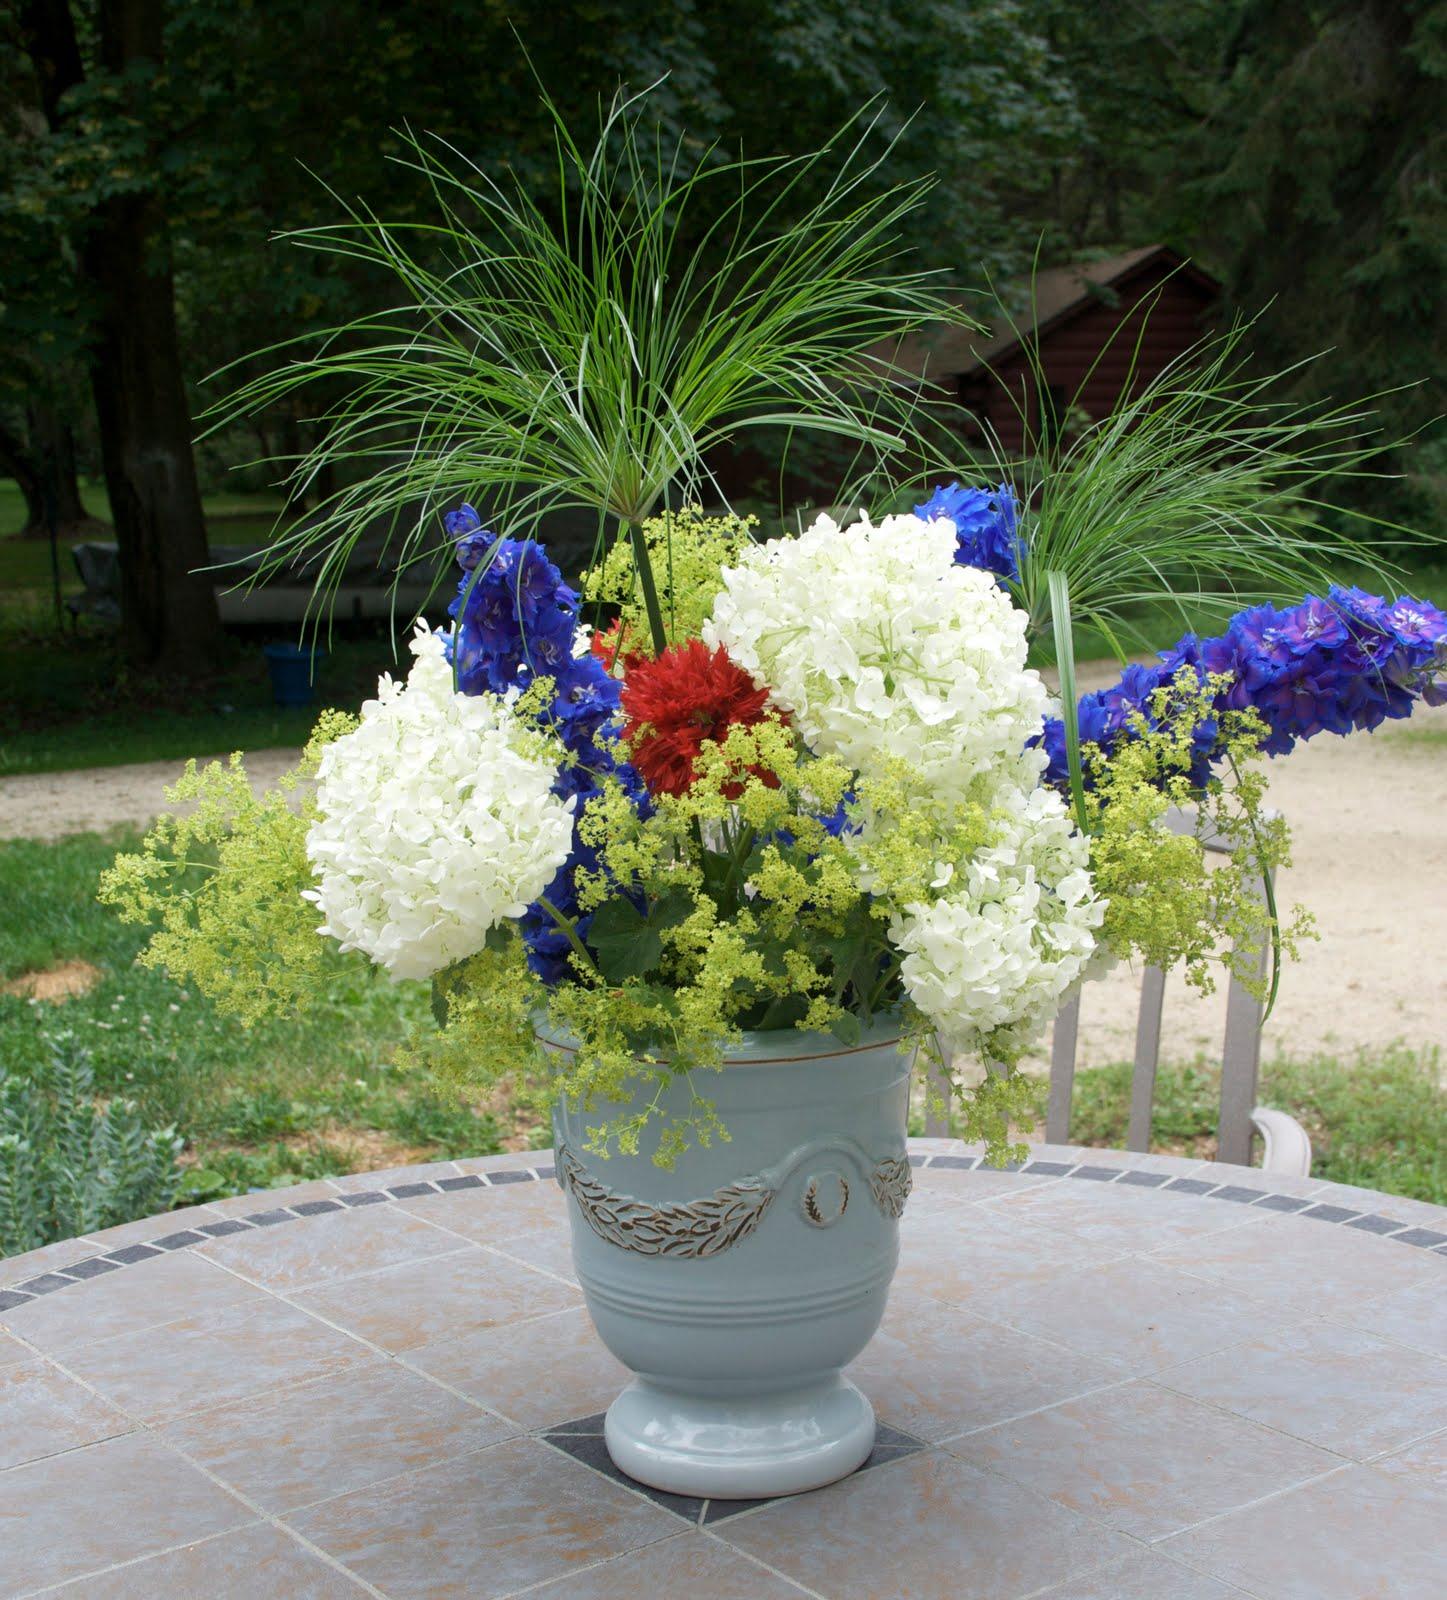 http://3.bp.blogspot.com/_gsWX1oEx8no/TDqRbroEAEI/AAAAAAAAA8g/YtHTAZ8KfZM/s1600/bouquet.jpg